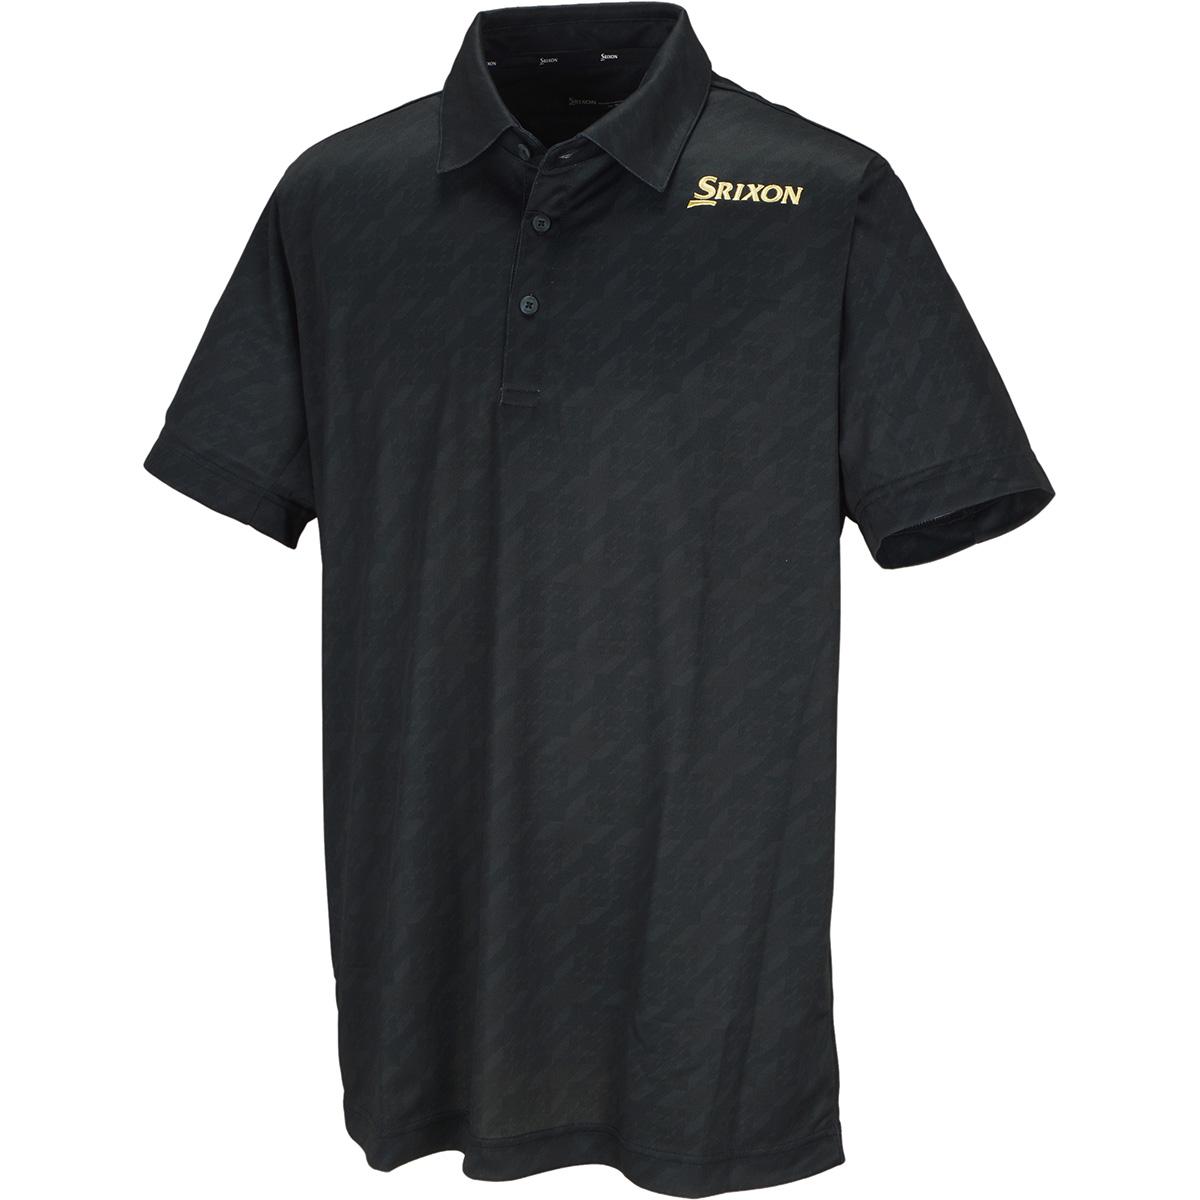 シャインプリントメッシュリバース半袖ポロシャツ